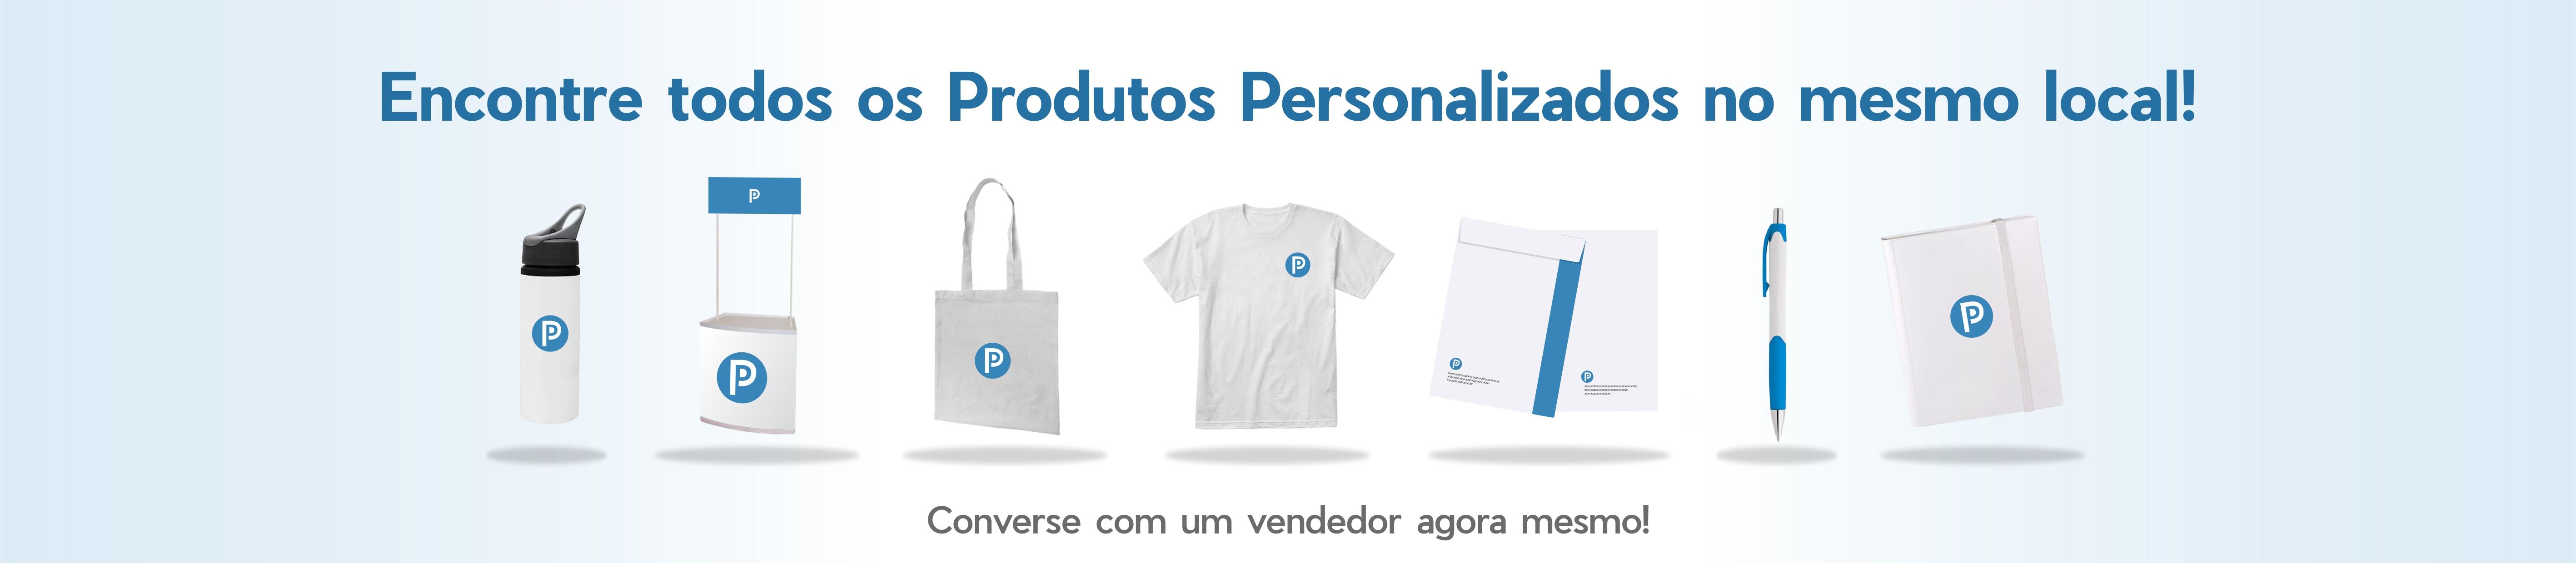 Todos produtos personalizados, brindes, embalagens, pdv, uniformes e impressos gráficos.